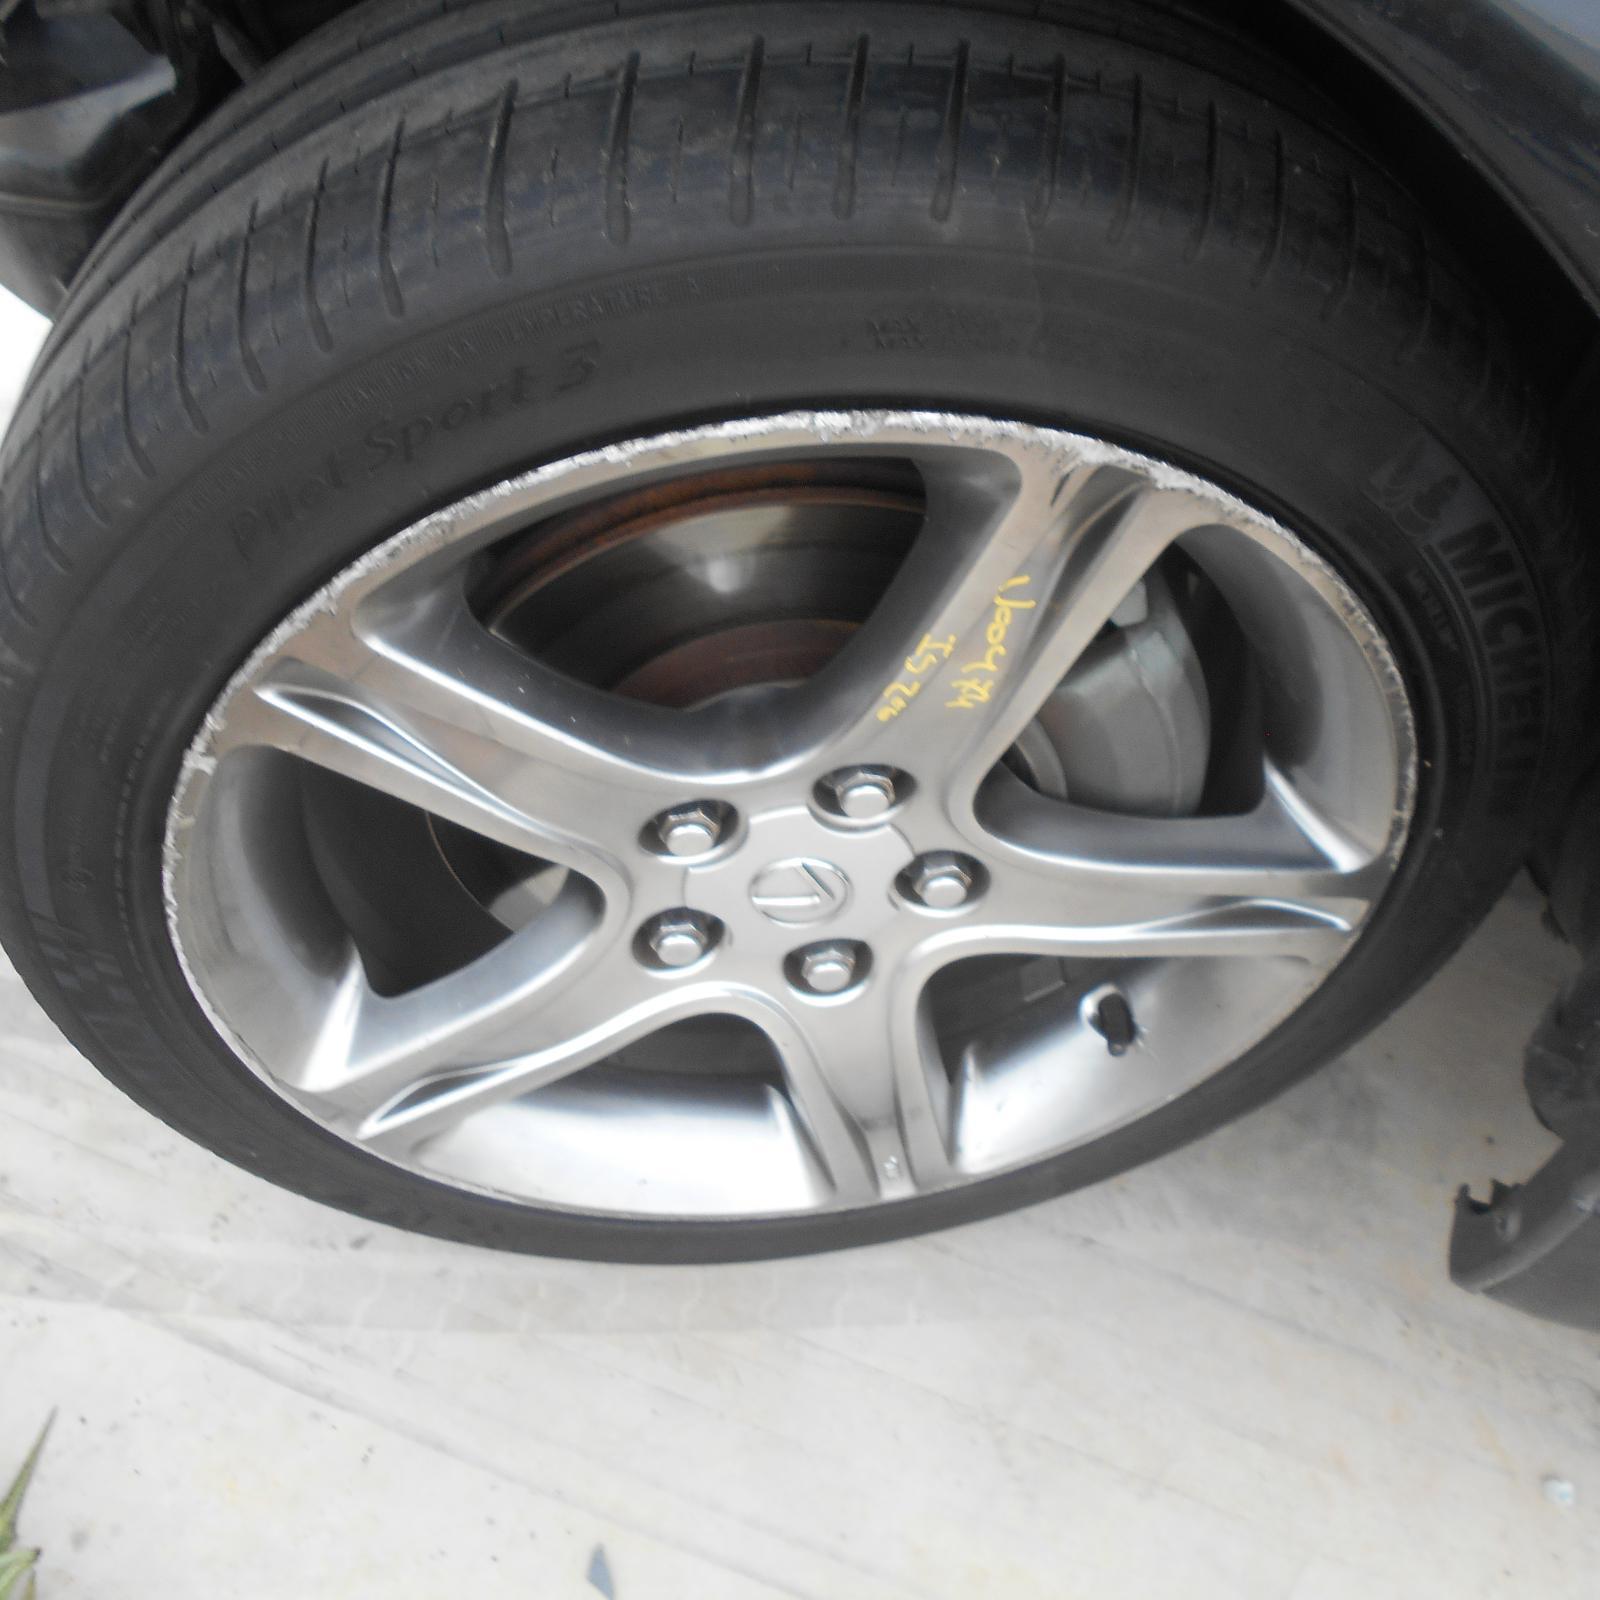 LEXUS IS200/IS300, Wheel Mag, IS200/IS300, FACTORY, 17X7.0IN, 01/98-10/05